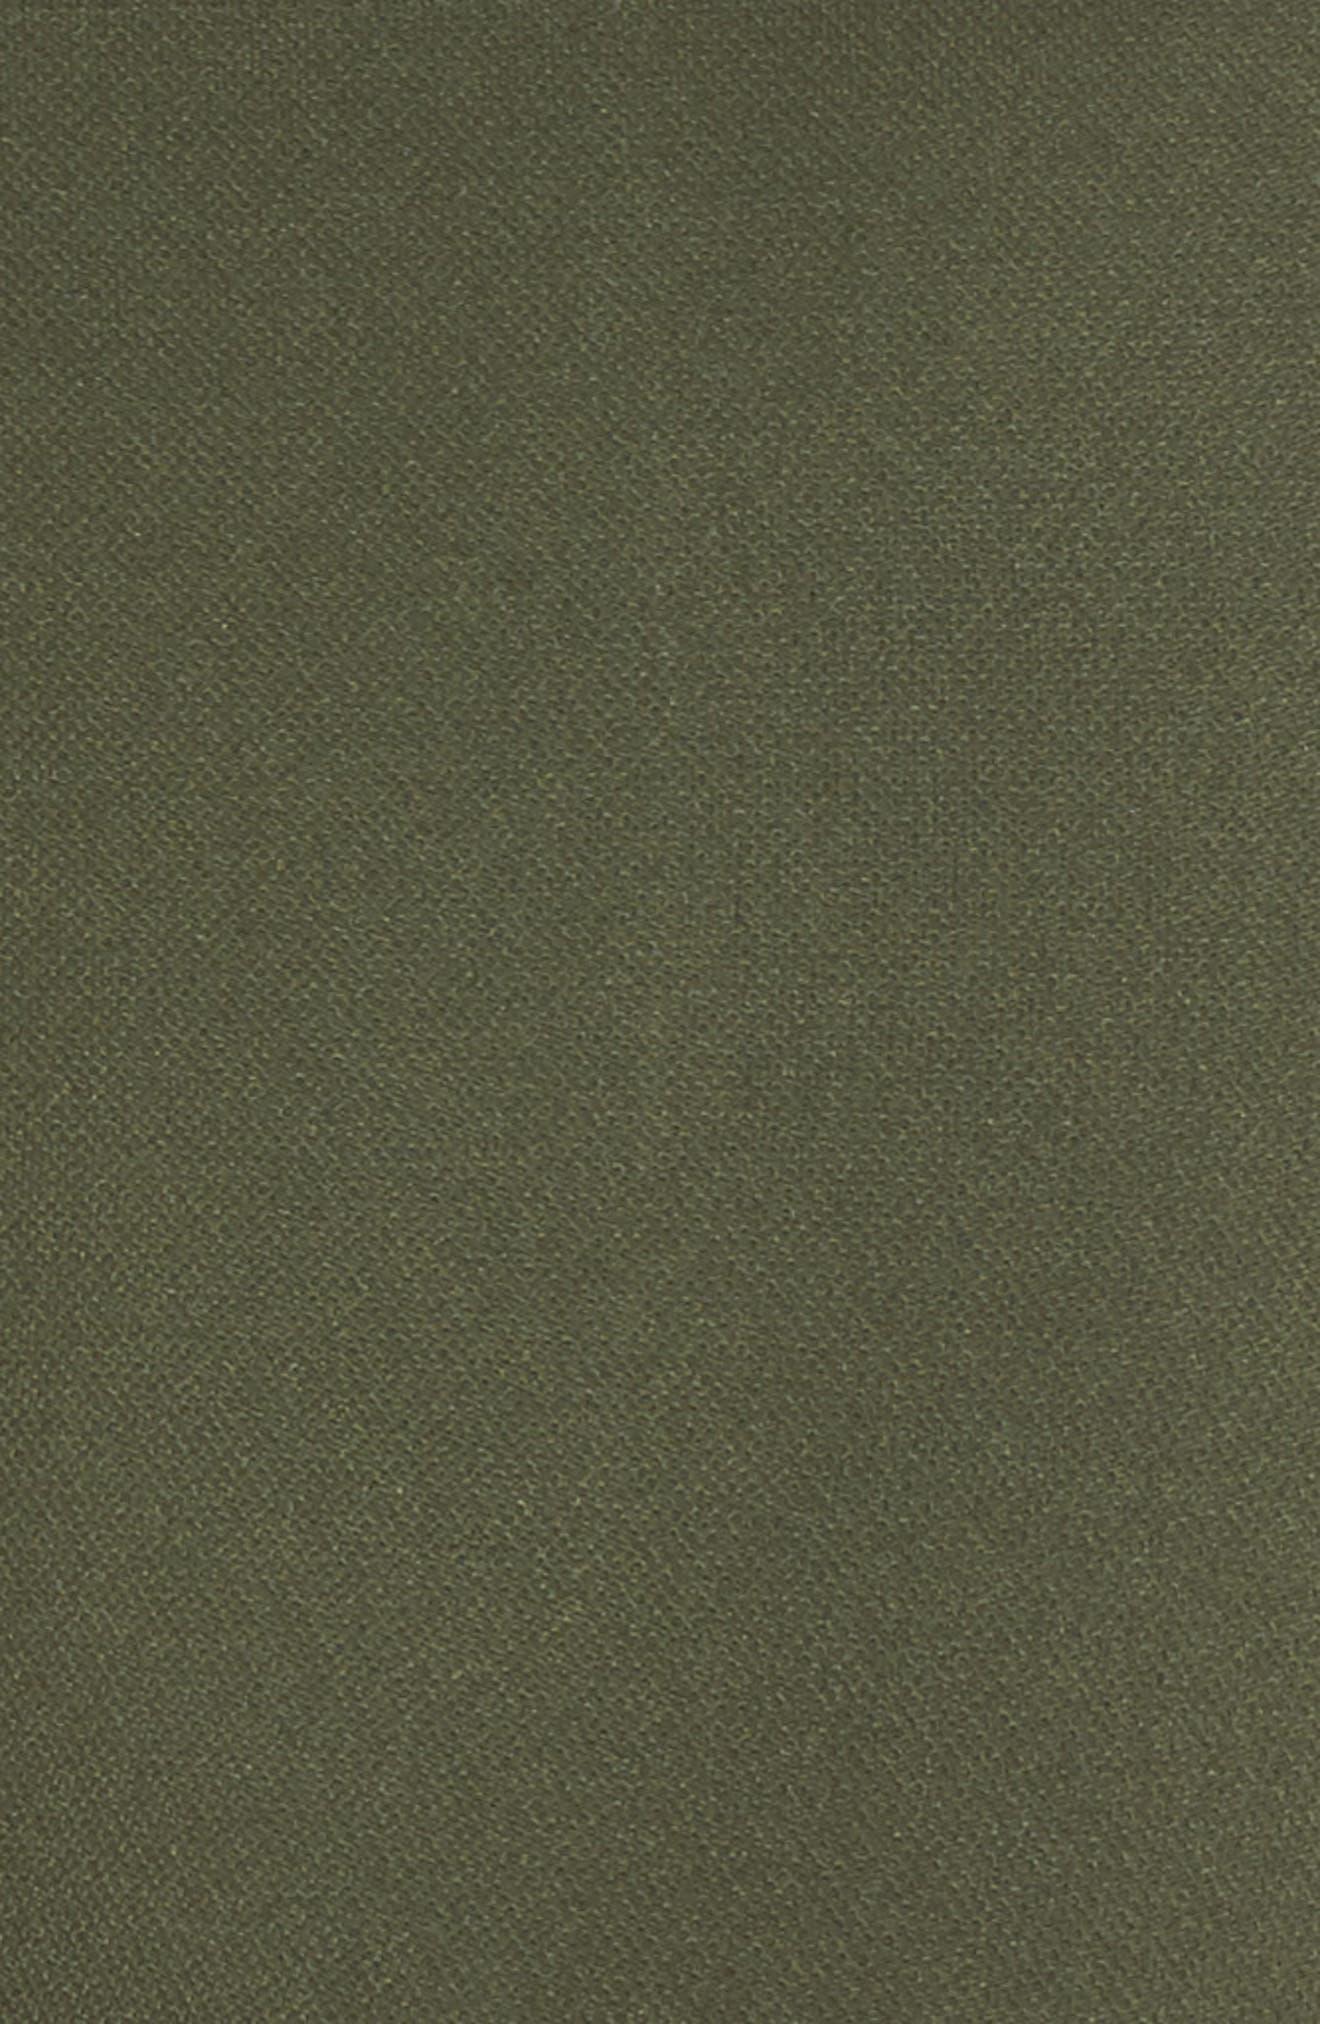 Seamless Leggings,                             Alternate thumbnail 6, color,                             Olive